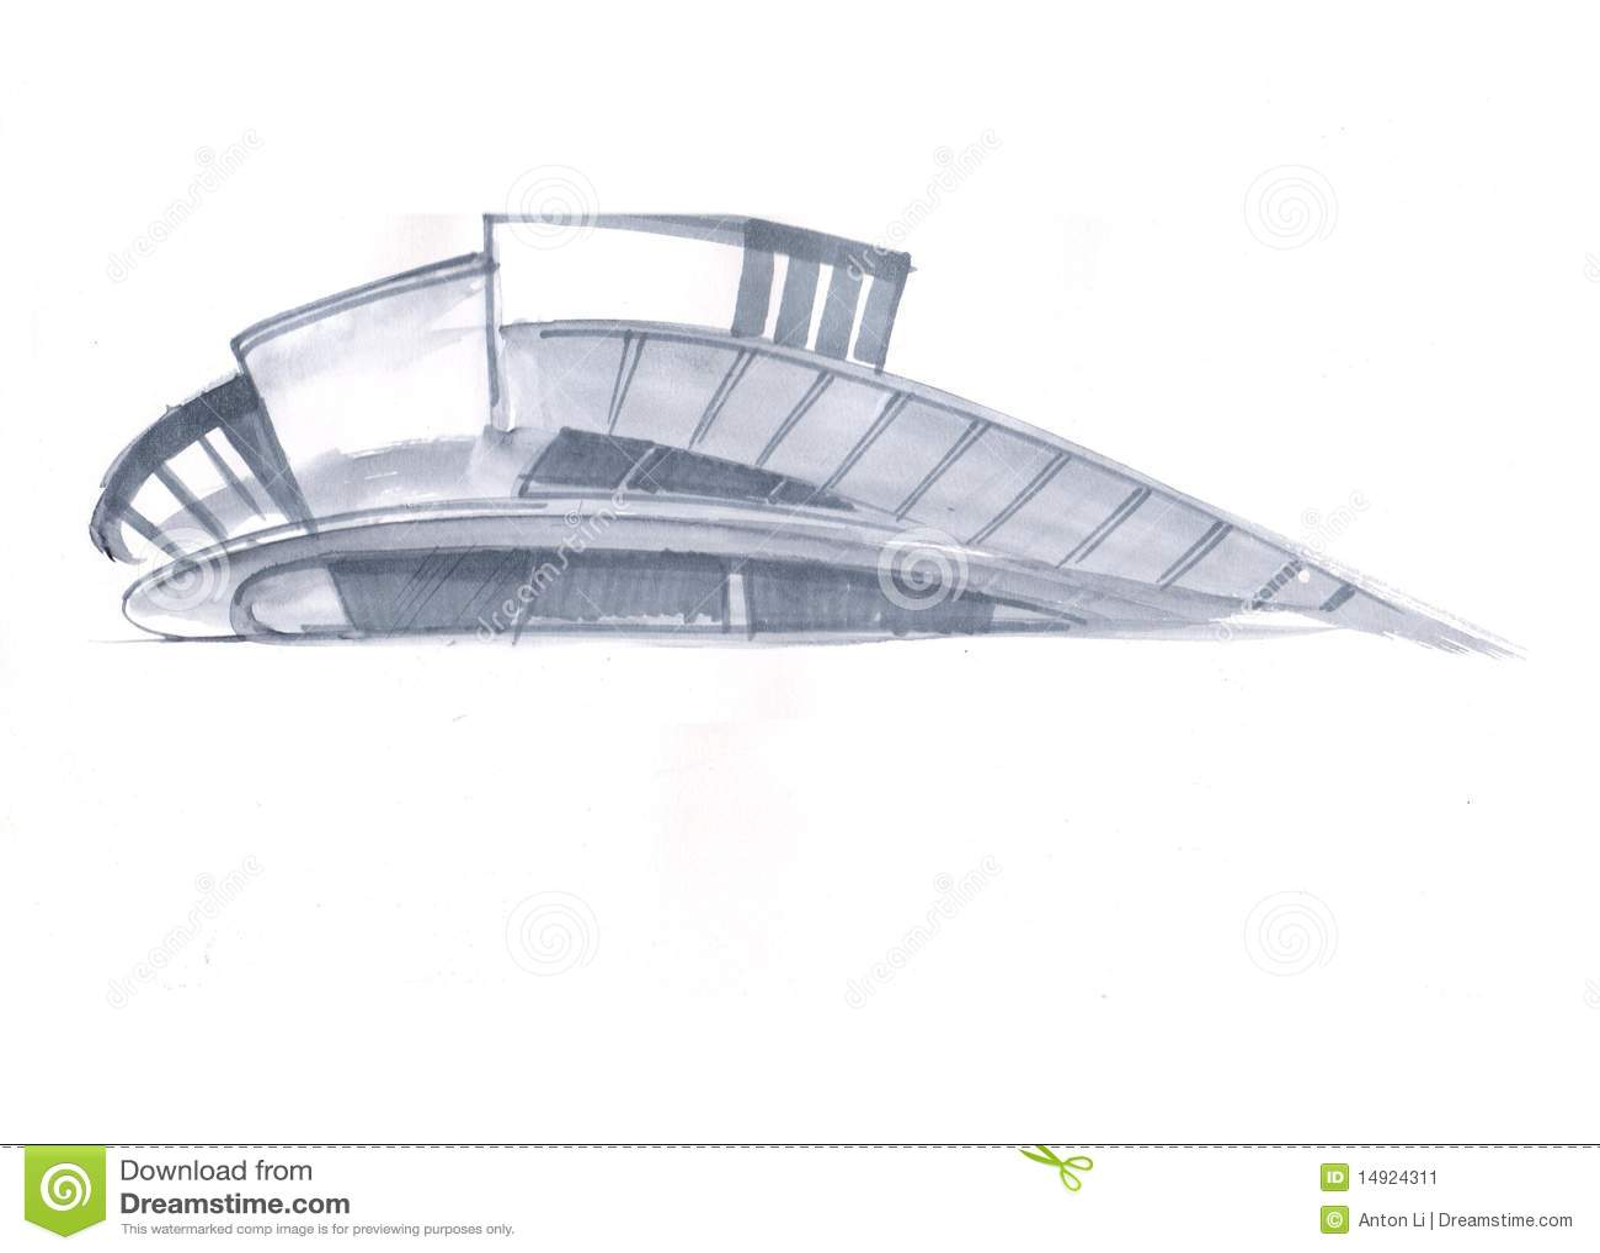 modernes haus stock abbildung bild von auszug gezeichnet